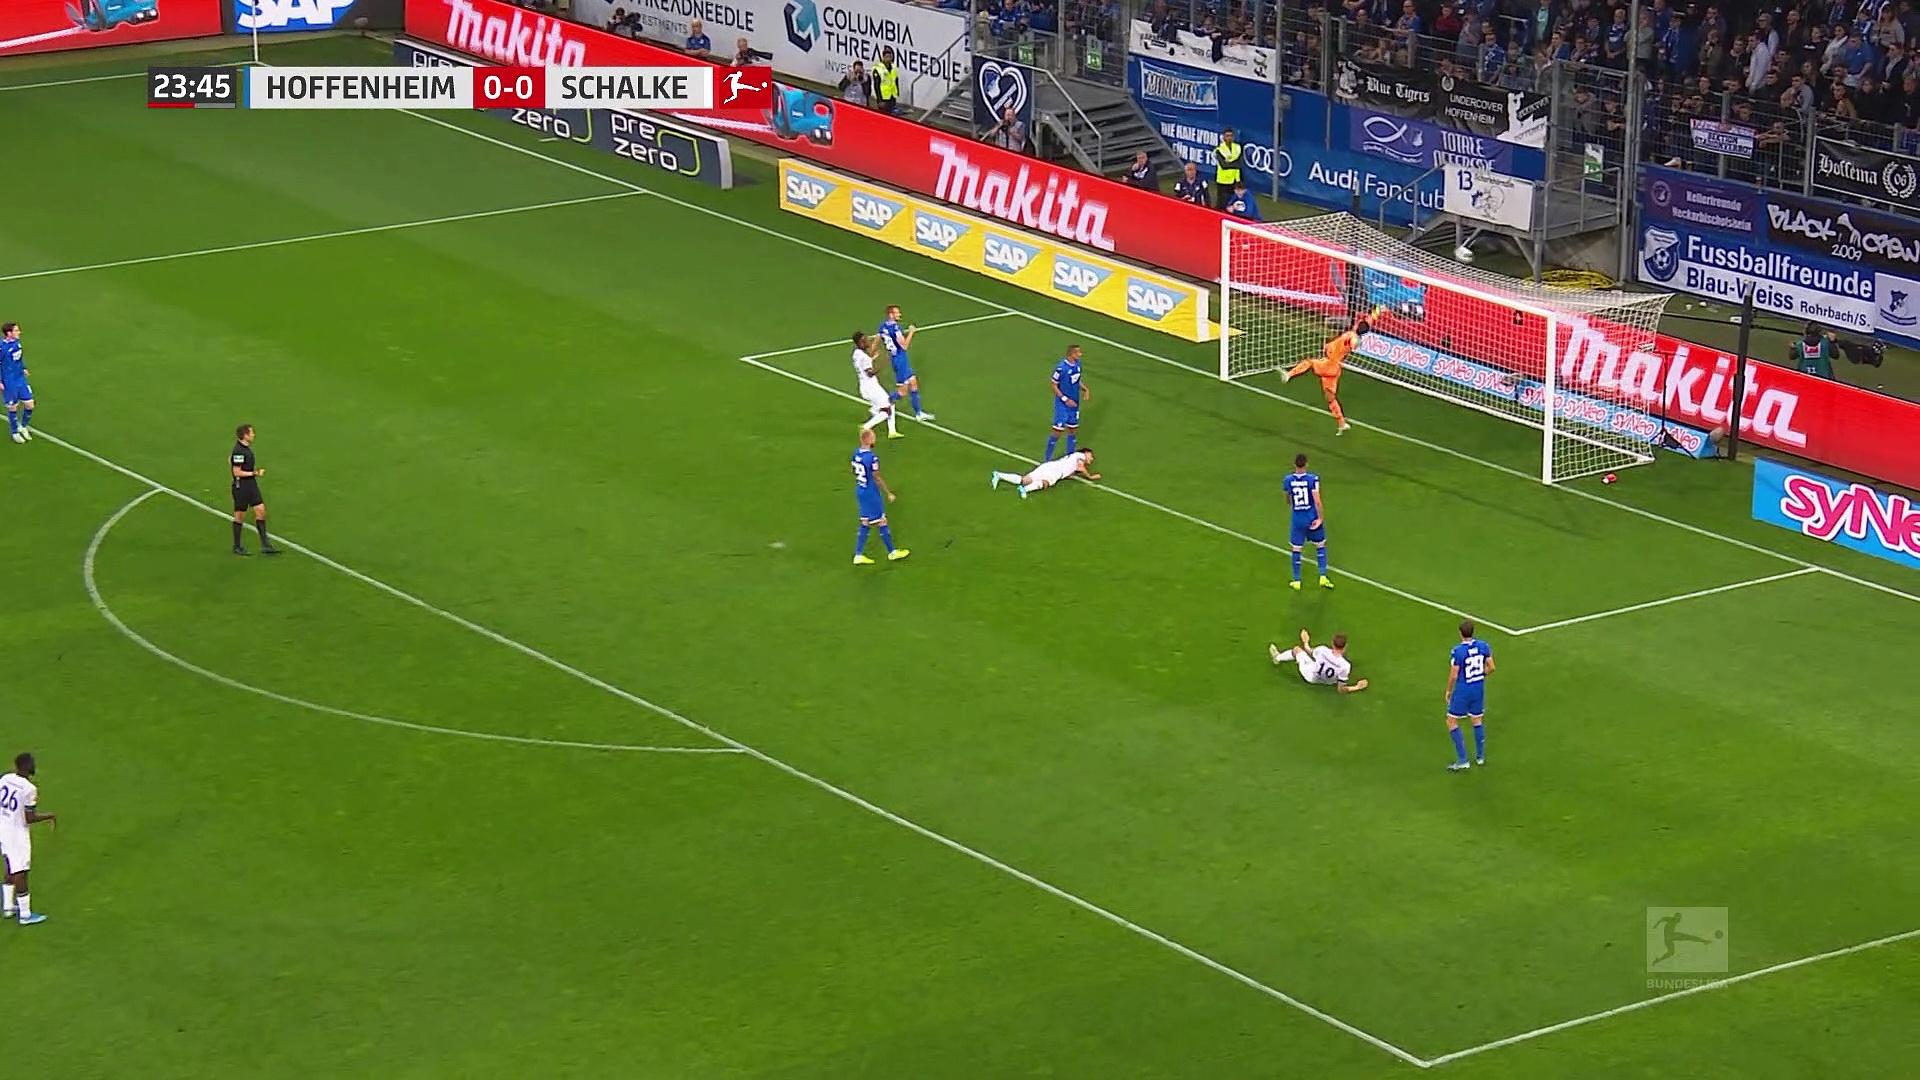 Bundesliga 8.hafta / Hoffenheim - Schalke 04: 2-0 (Özet)